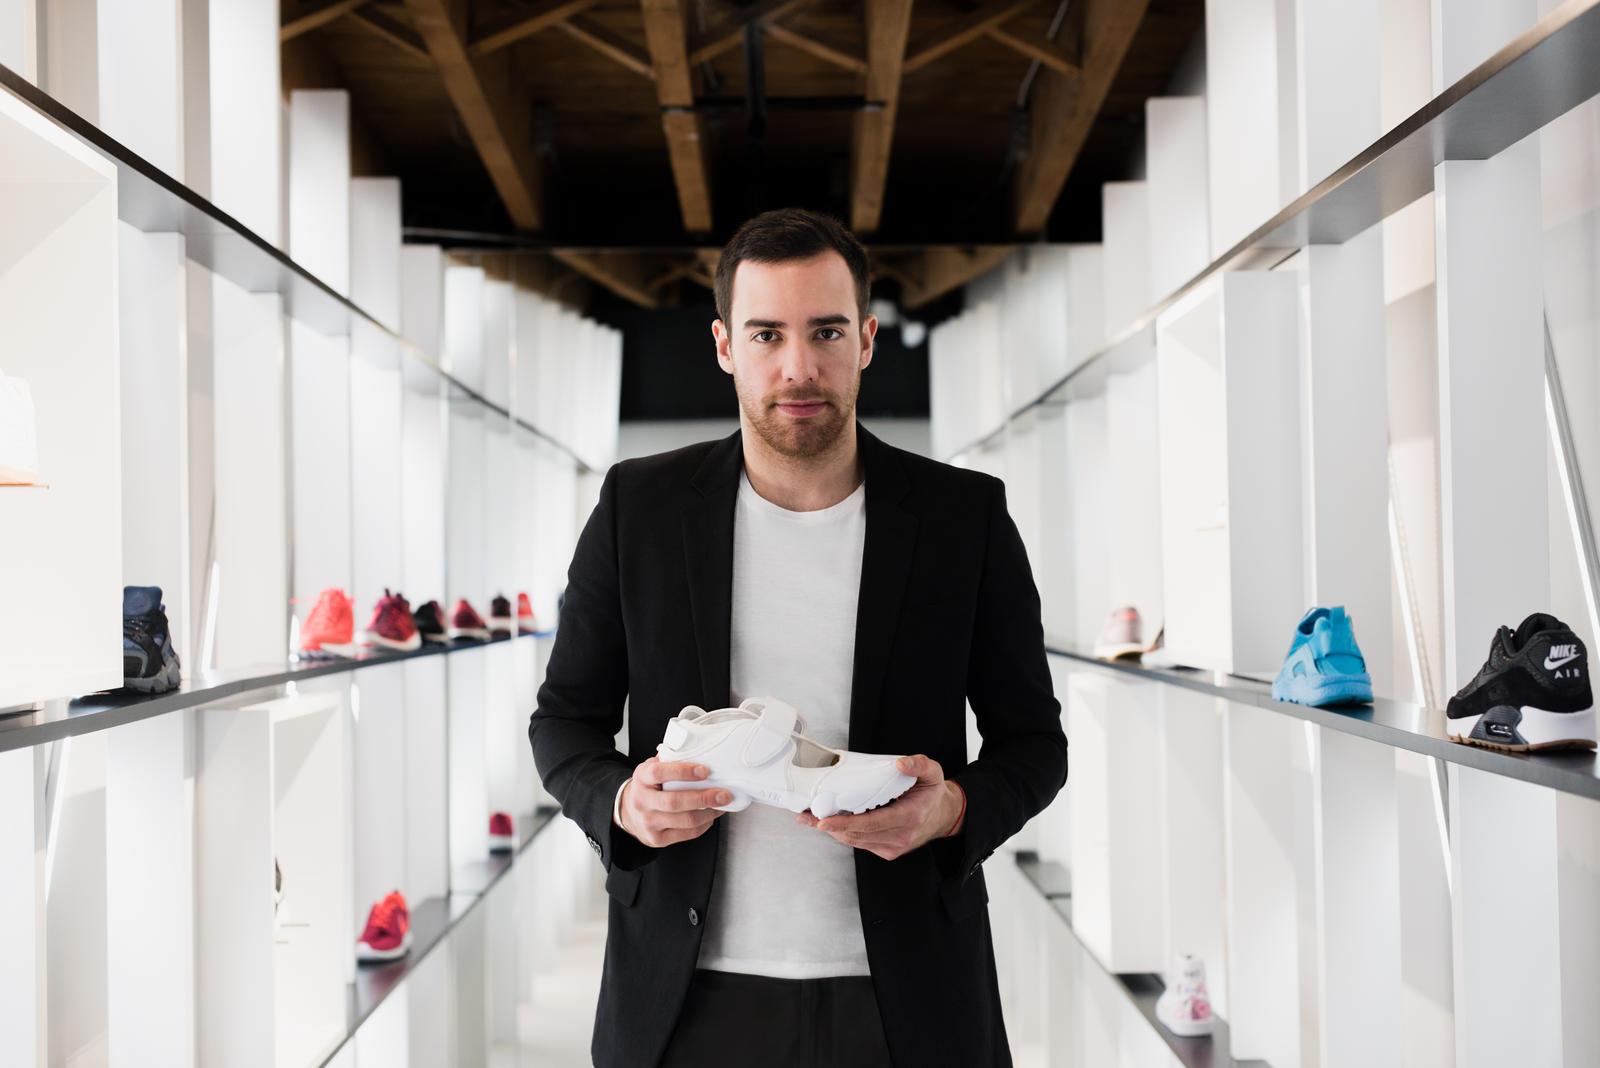 e970afcf784eb A Celebratory Shoe  The NikeLab Air Rift x Pedro Lourenço - Nike News